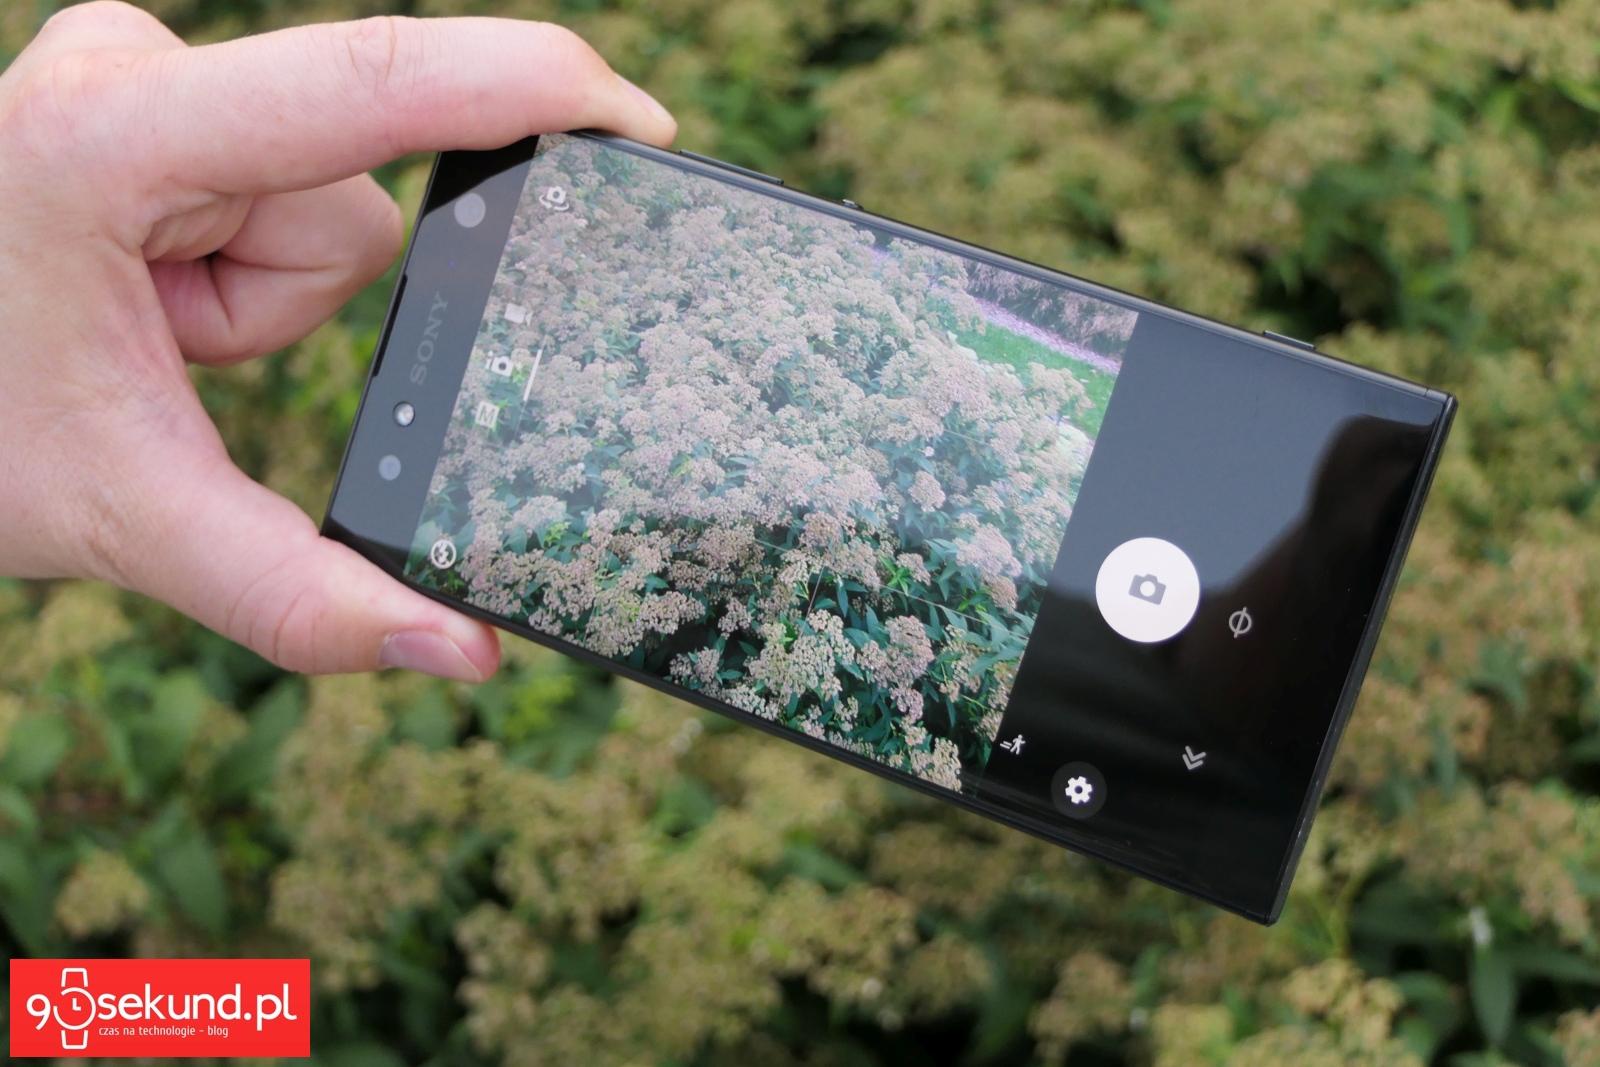 Recenzja Sony Xperia XA2 Ultra - 90sekund.pl - Michał Brożyński